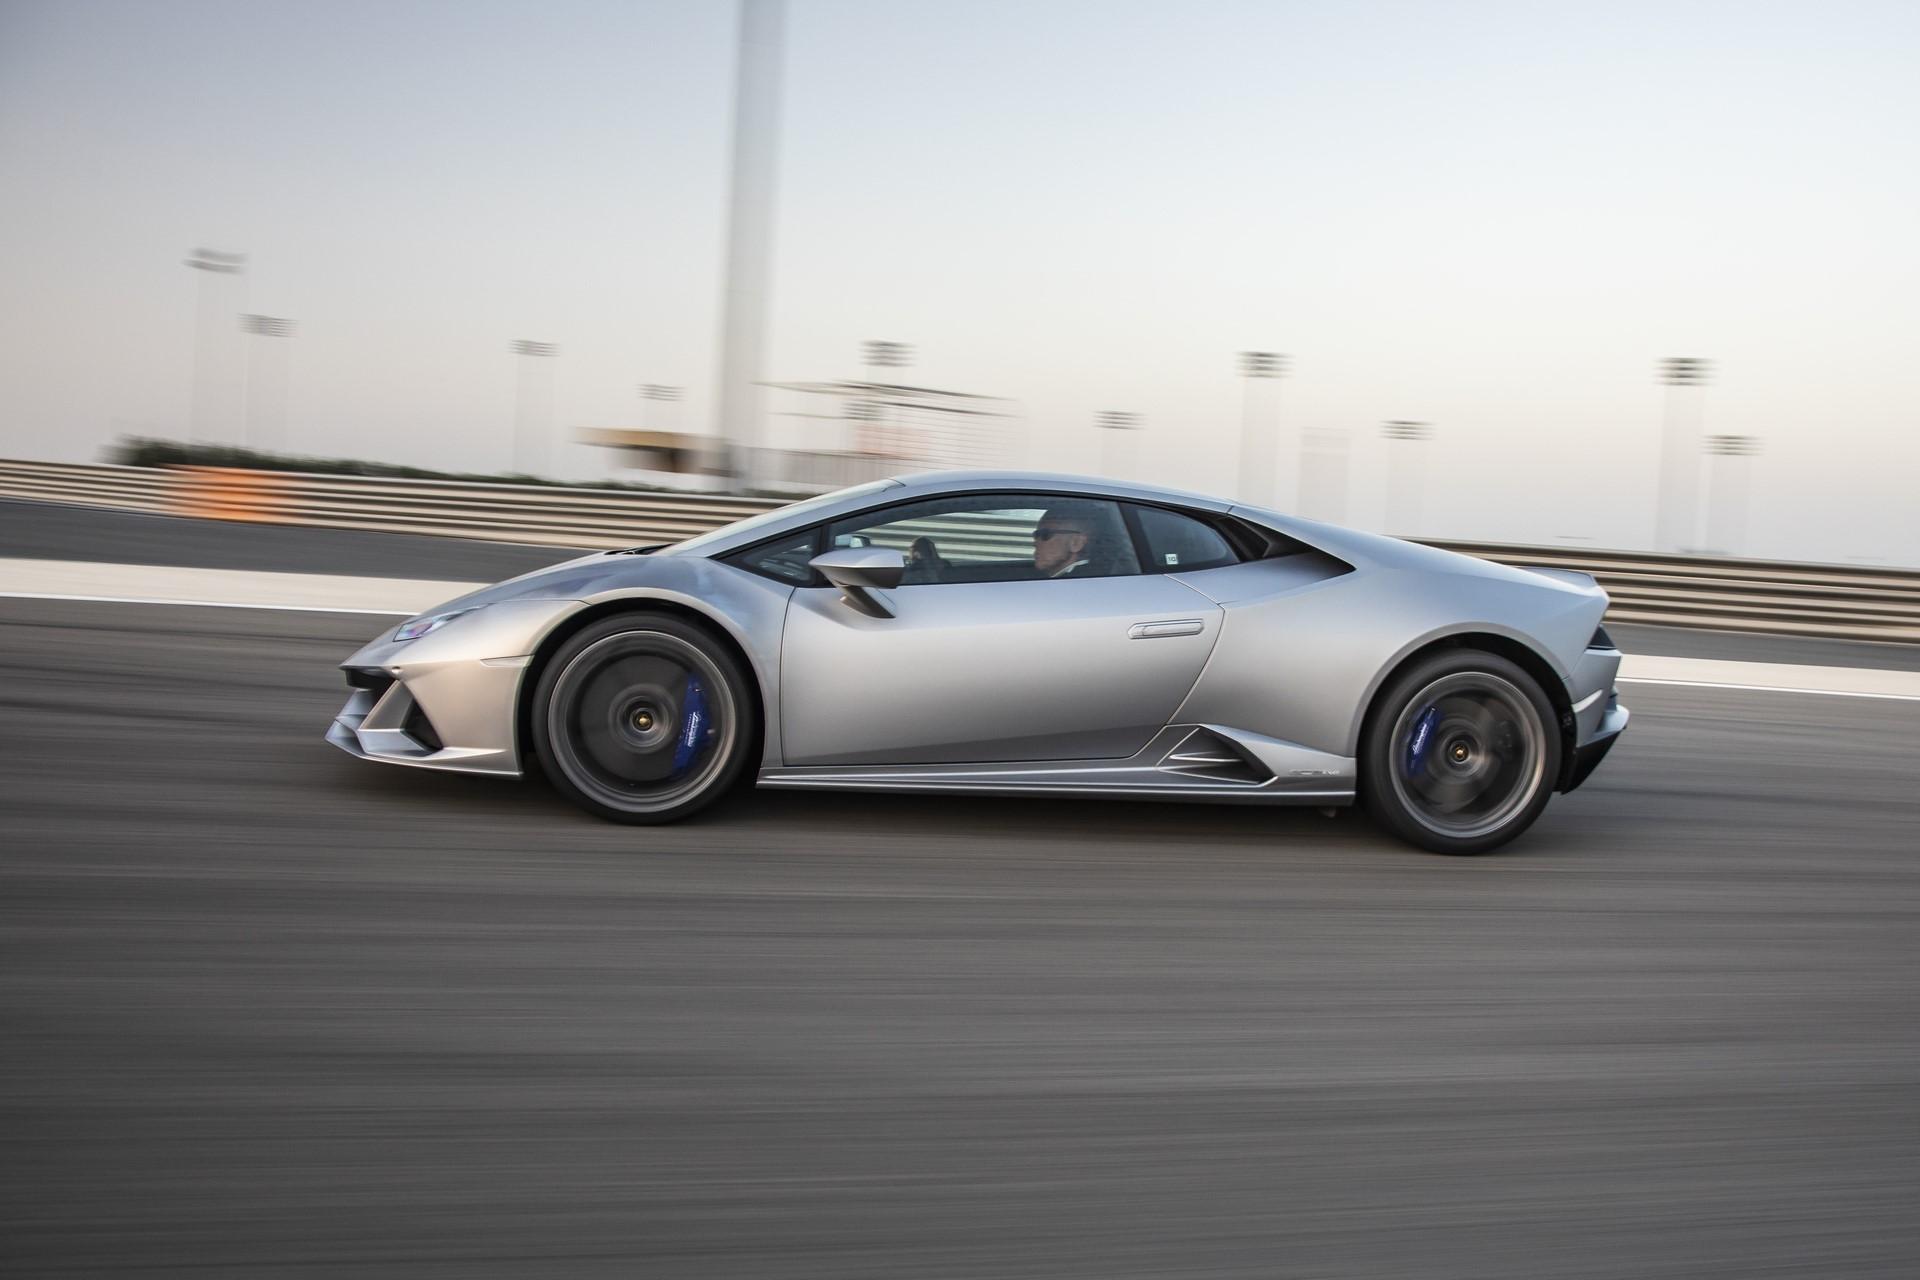 Lamborghini Huracan Evo 2019 (68)